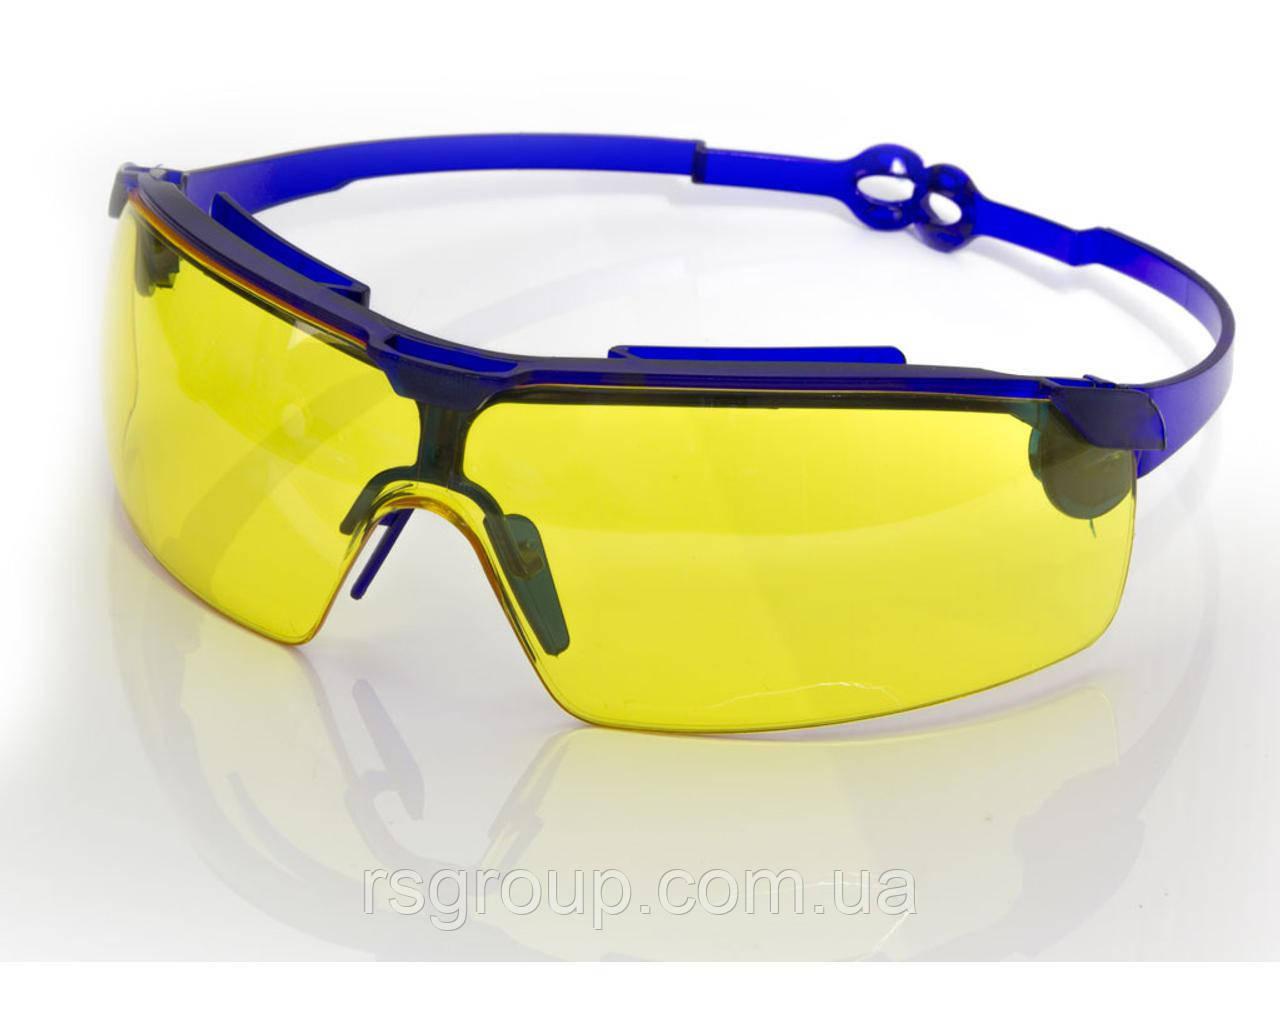 Очки жёлтые поворотные удлинённые дужки, стекло поликарбонат VITA